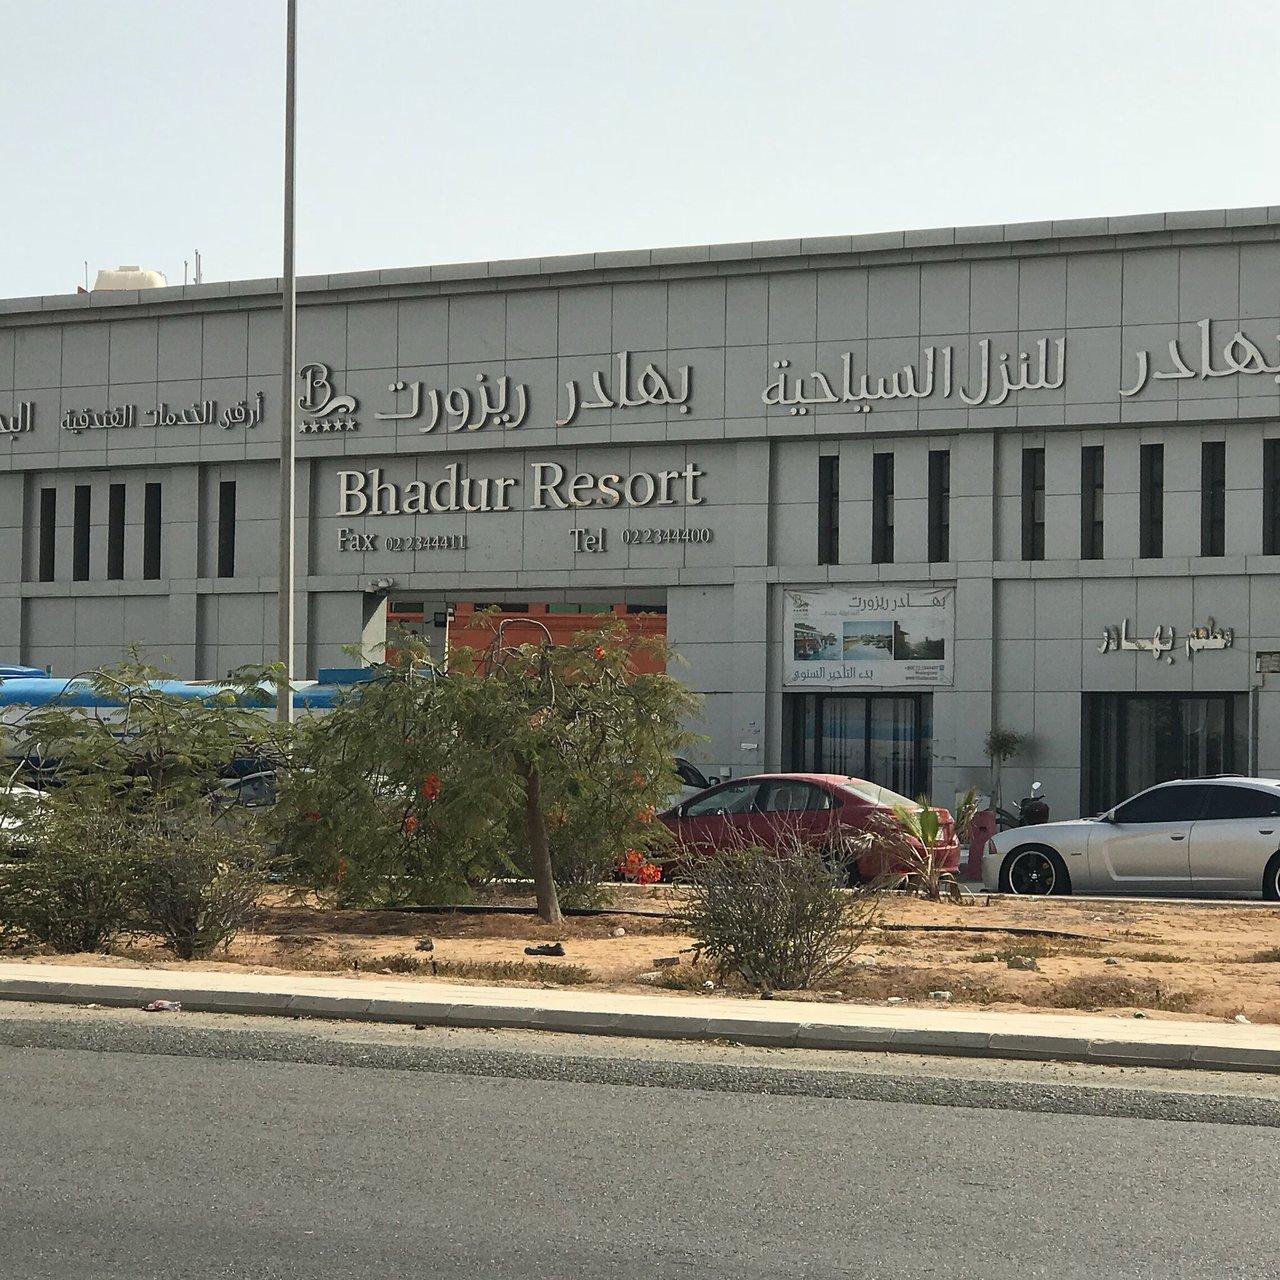 bhadur resort jeddah updated 2019 prices hotel reviews saudi rh tripadvisor com